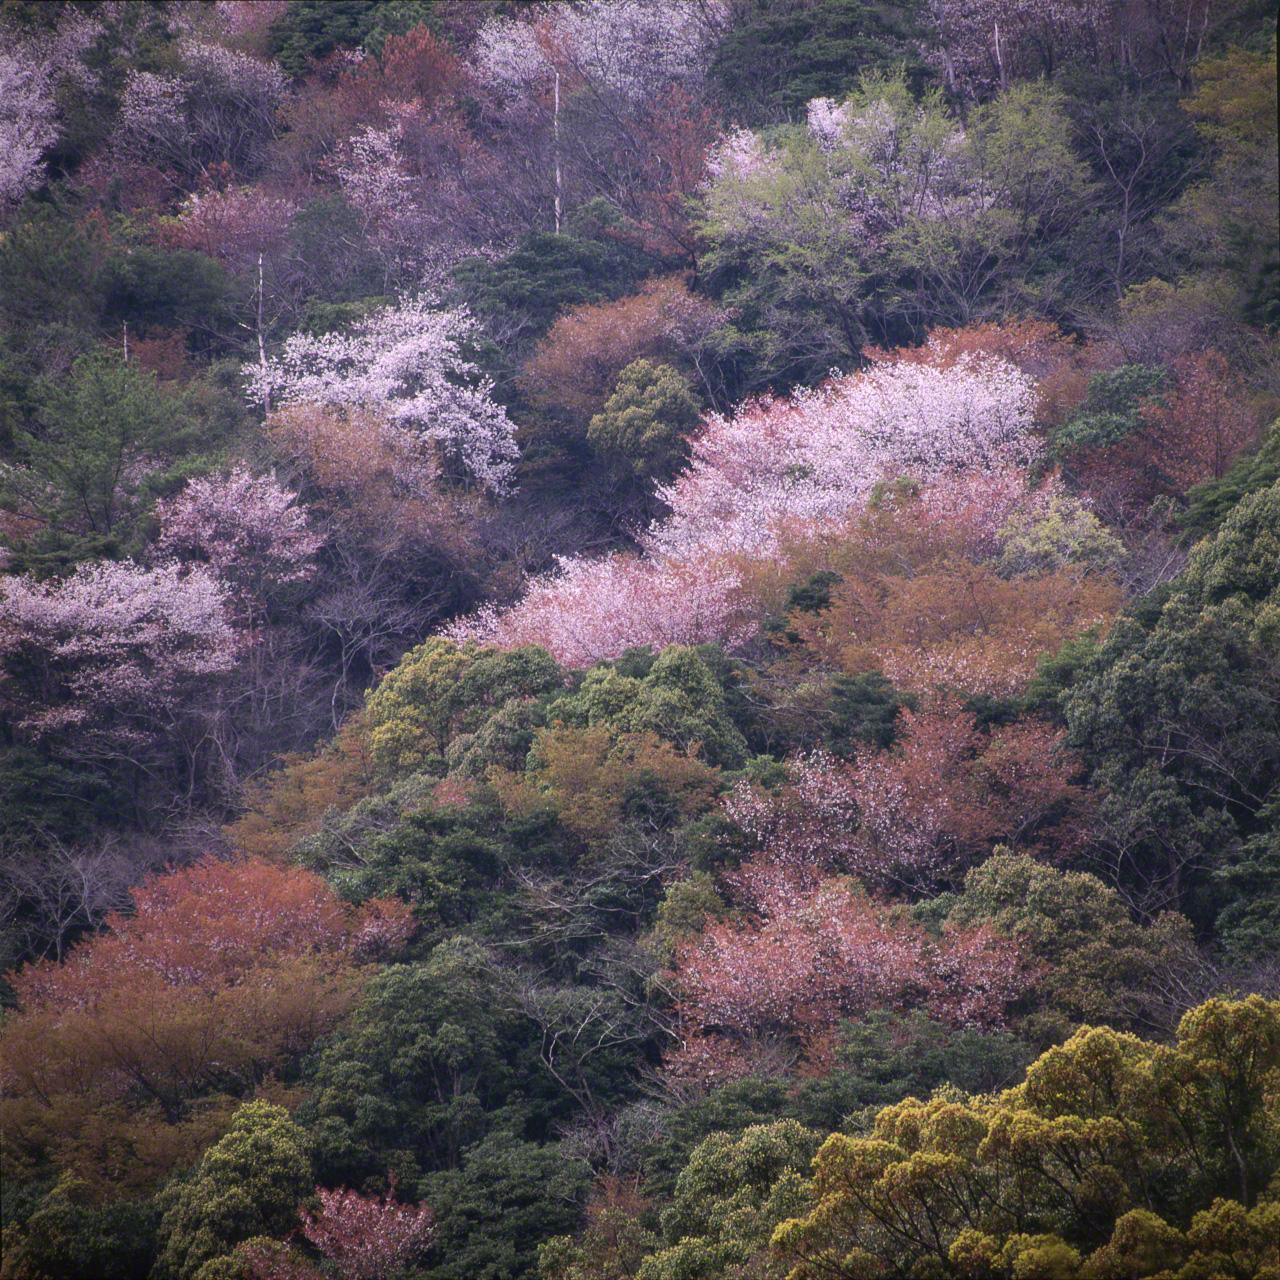 Prunus (или Cerasus) jamasakura (по-японски ямадзакура), горная вишня, цветы которой знаменуют приход весны